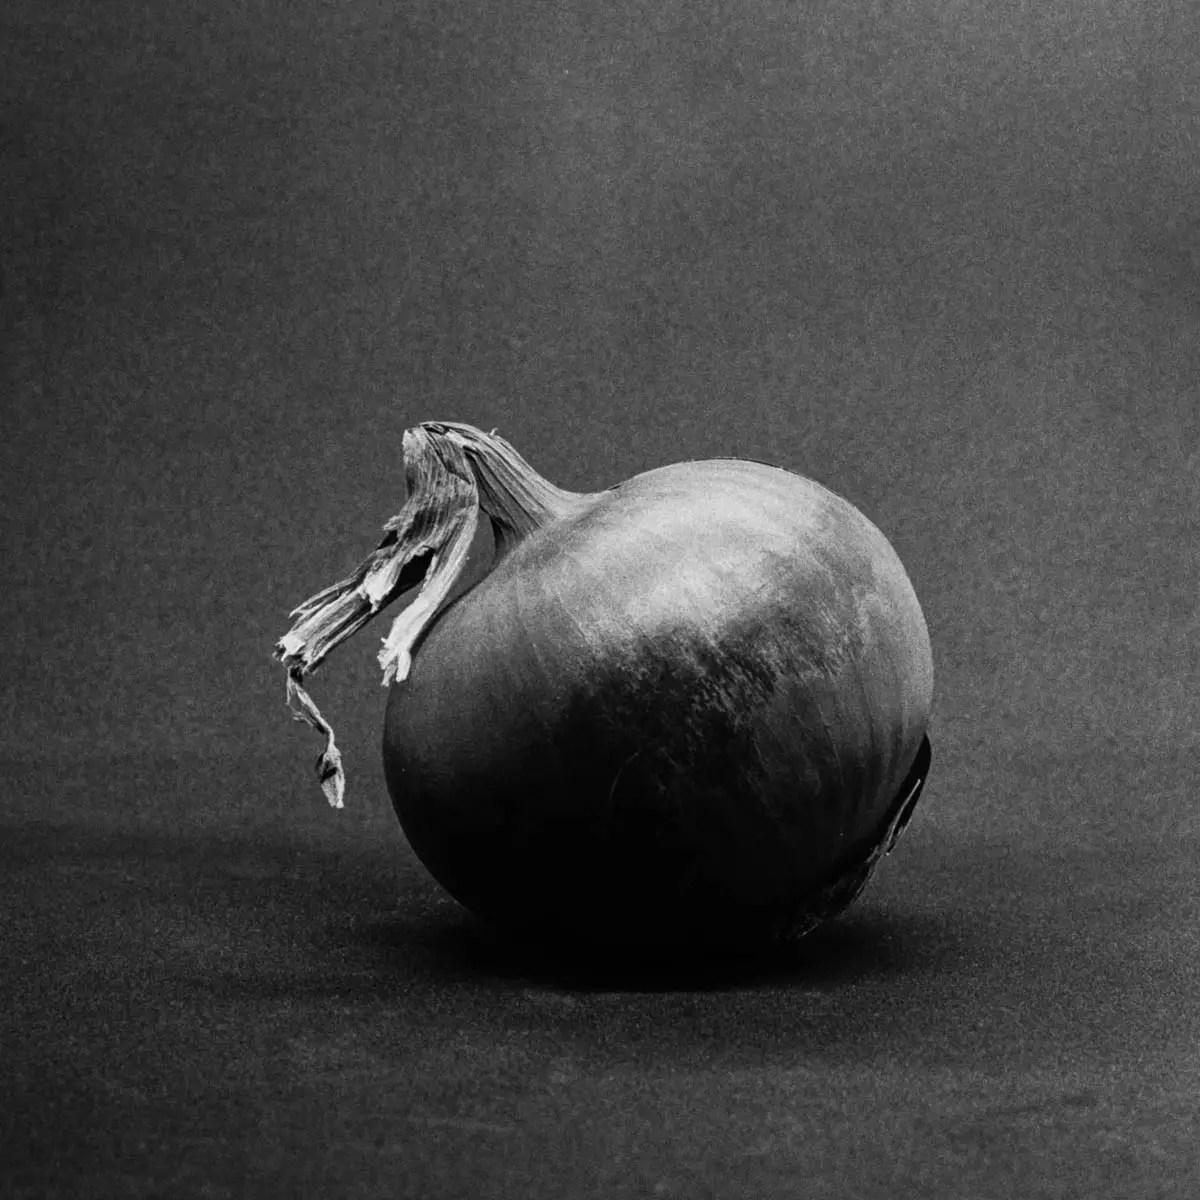 Onion #2 - ILFORD HP5 PLUS, Minolta SRT 101b, MD Rokkor 50mm f/1.7 - Nigel Fishwick